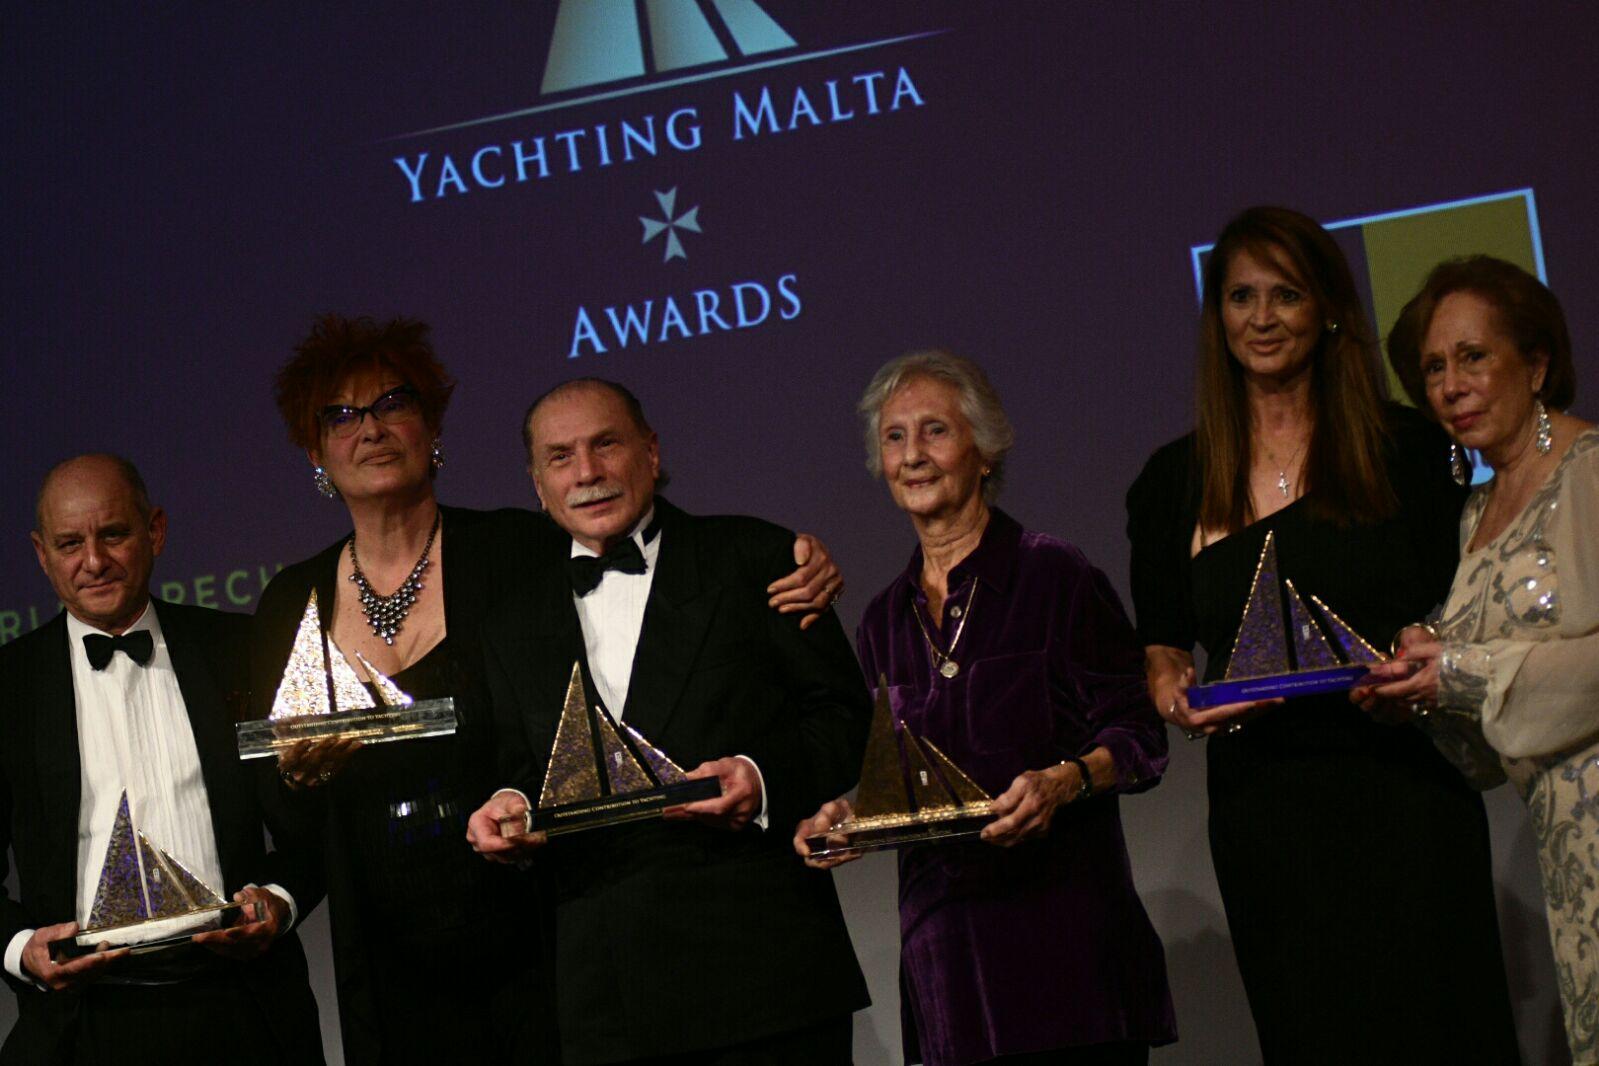 2017 Yachting Award Winners